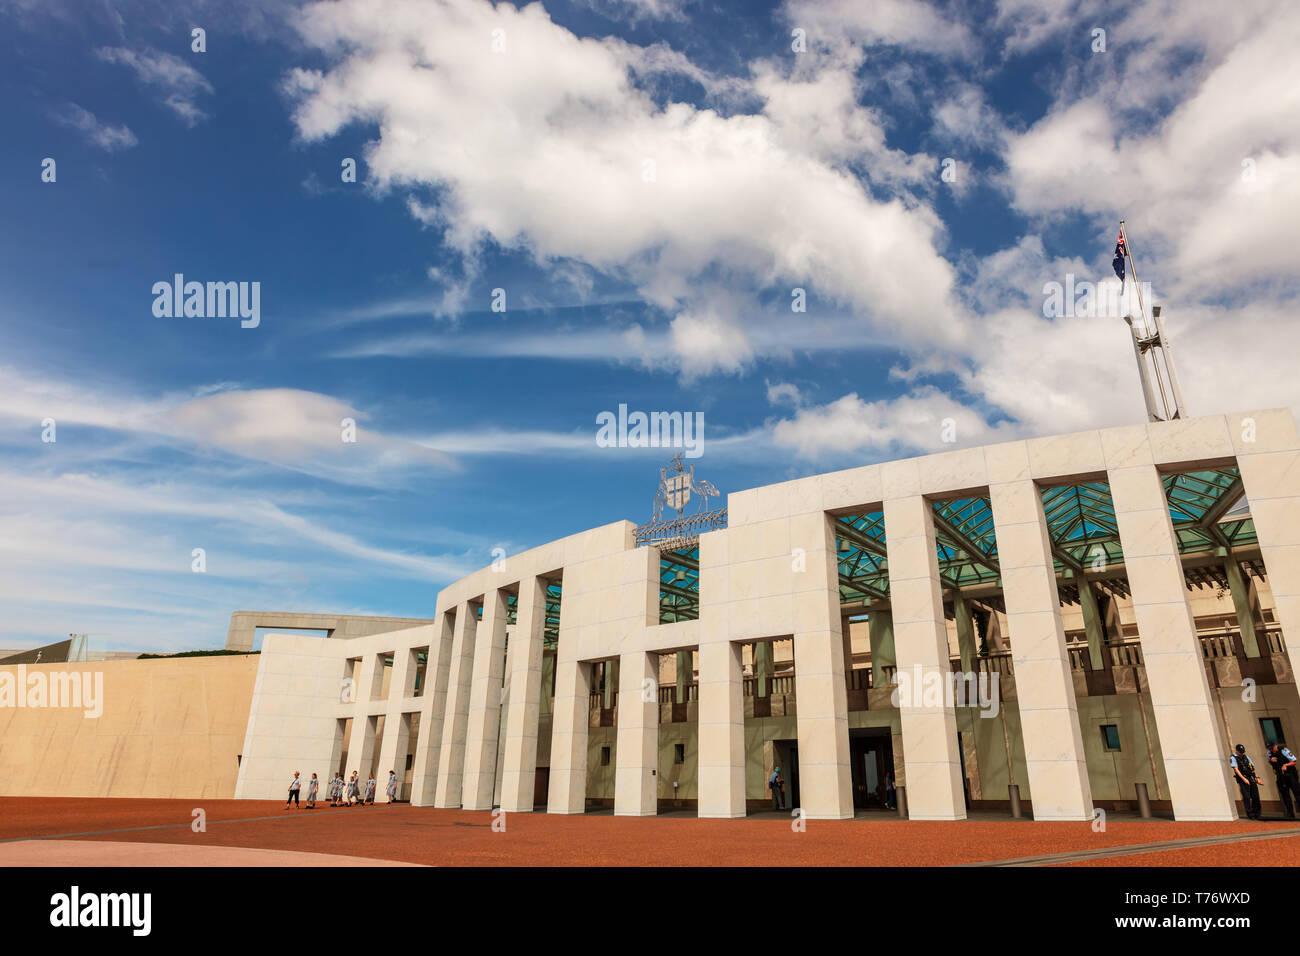 La Casa del Parlamento, Canberra fue inaugurada el 9 de mayo de 1988 por la Reina Isabel II, costó más de 1.100 millones de dólares para construir. Foto de stock